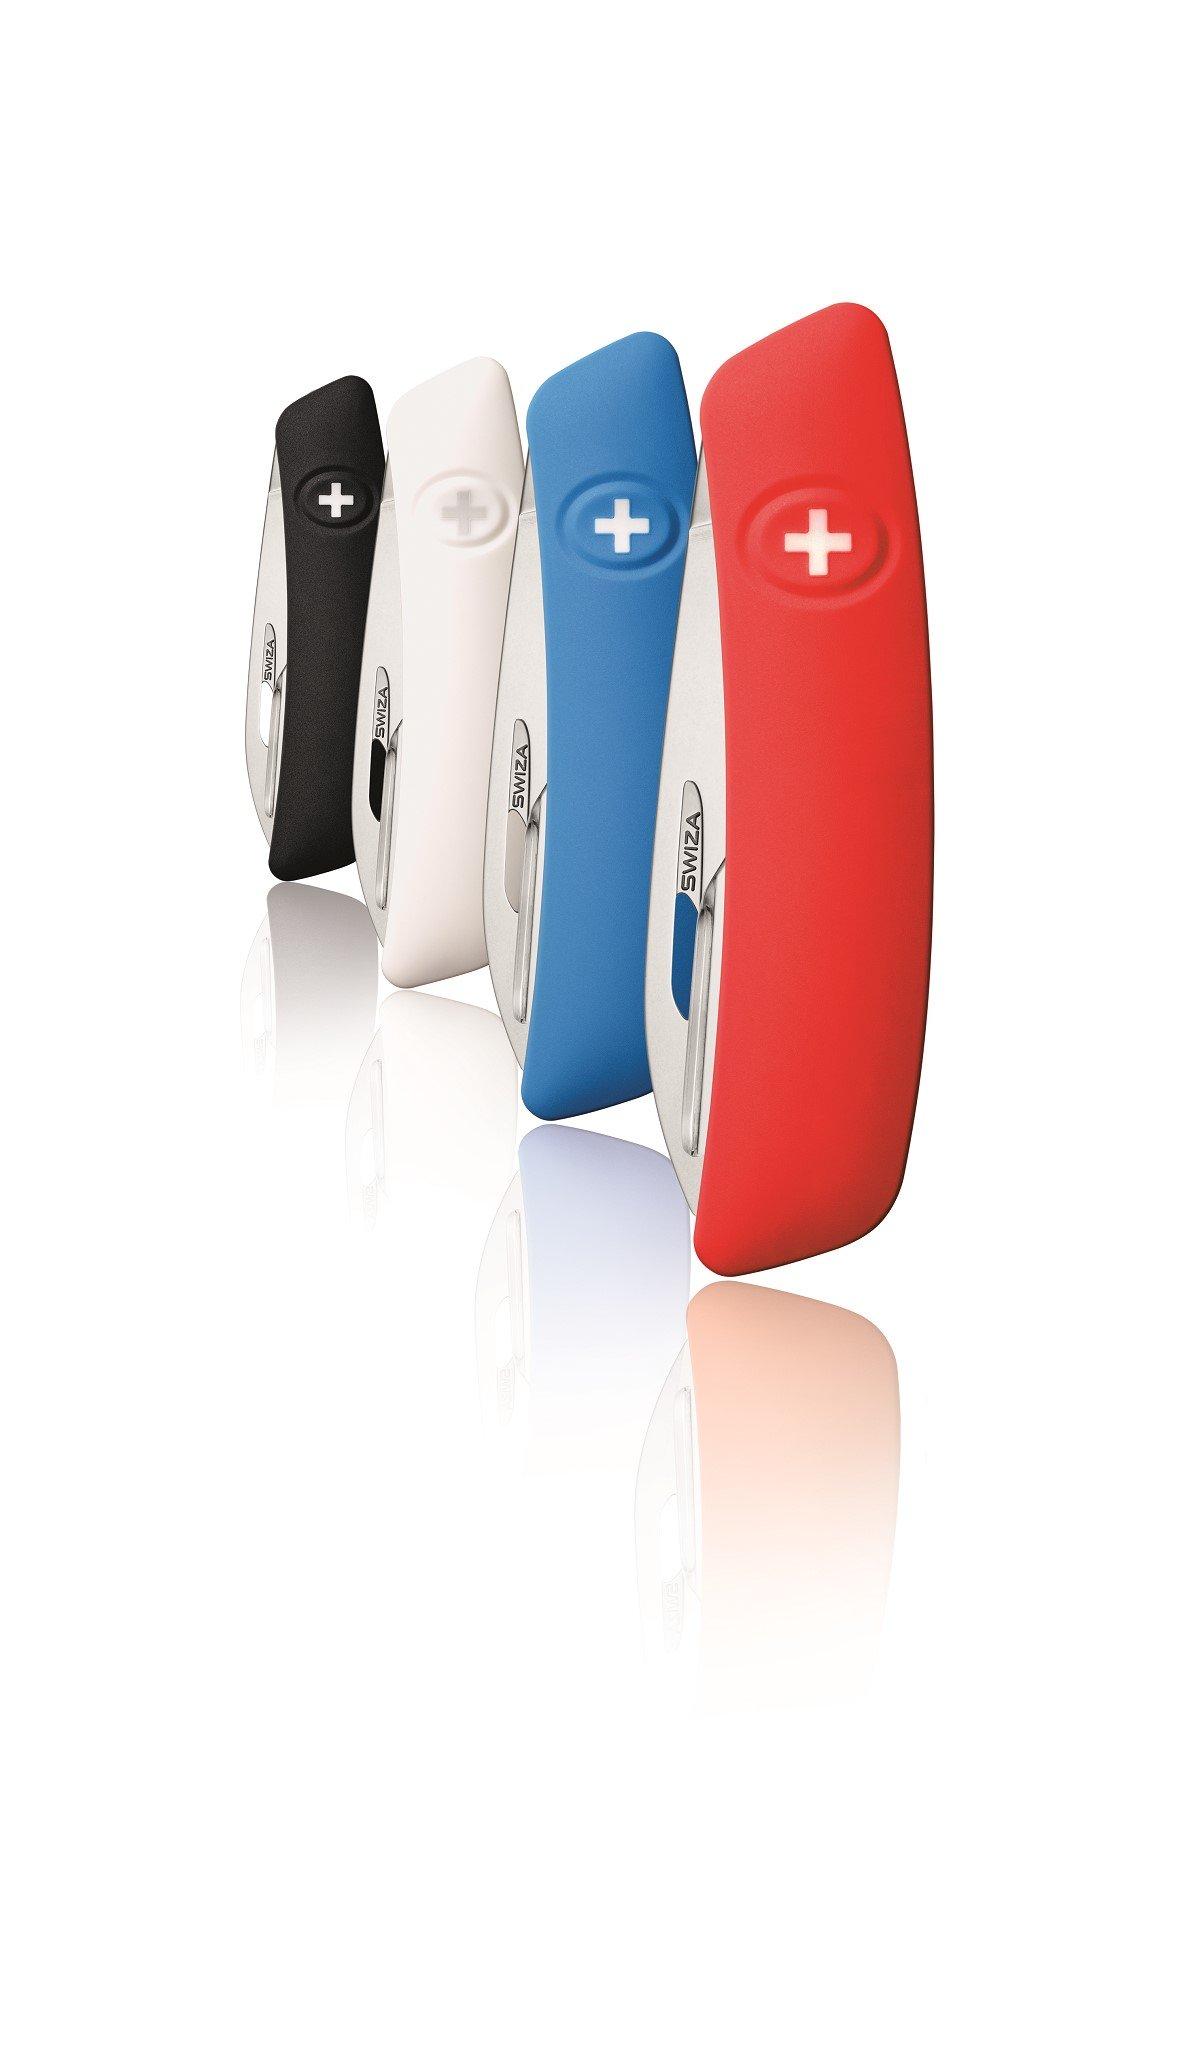 schweizer taschenmesser design